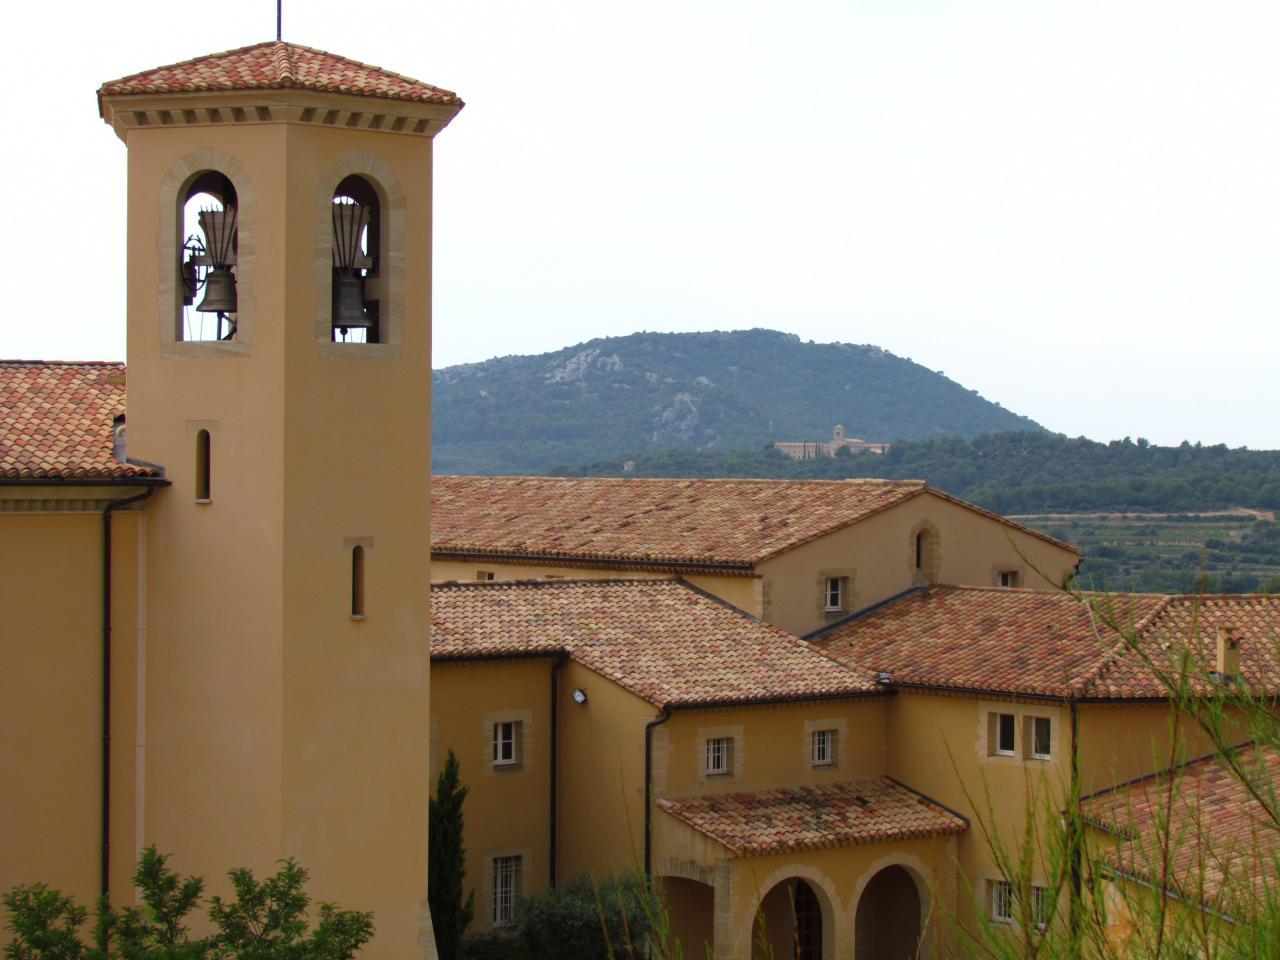 Notre-Dame de l'Annonciation abbey